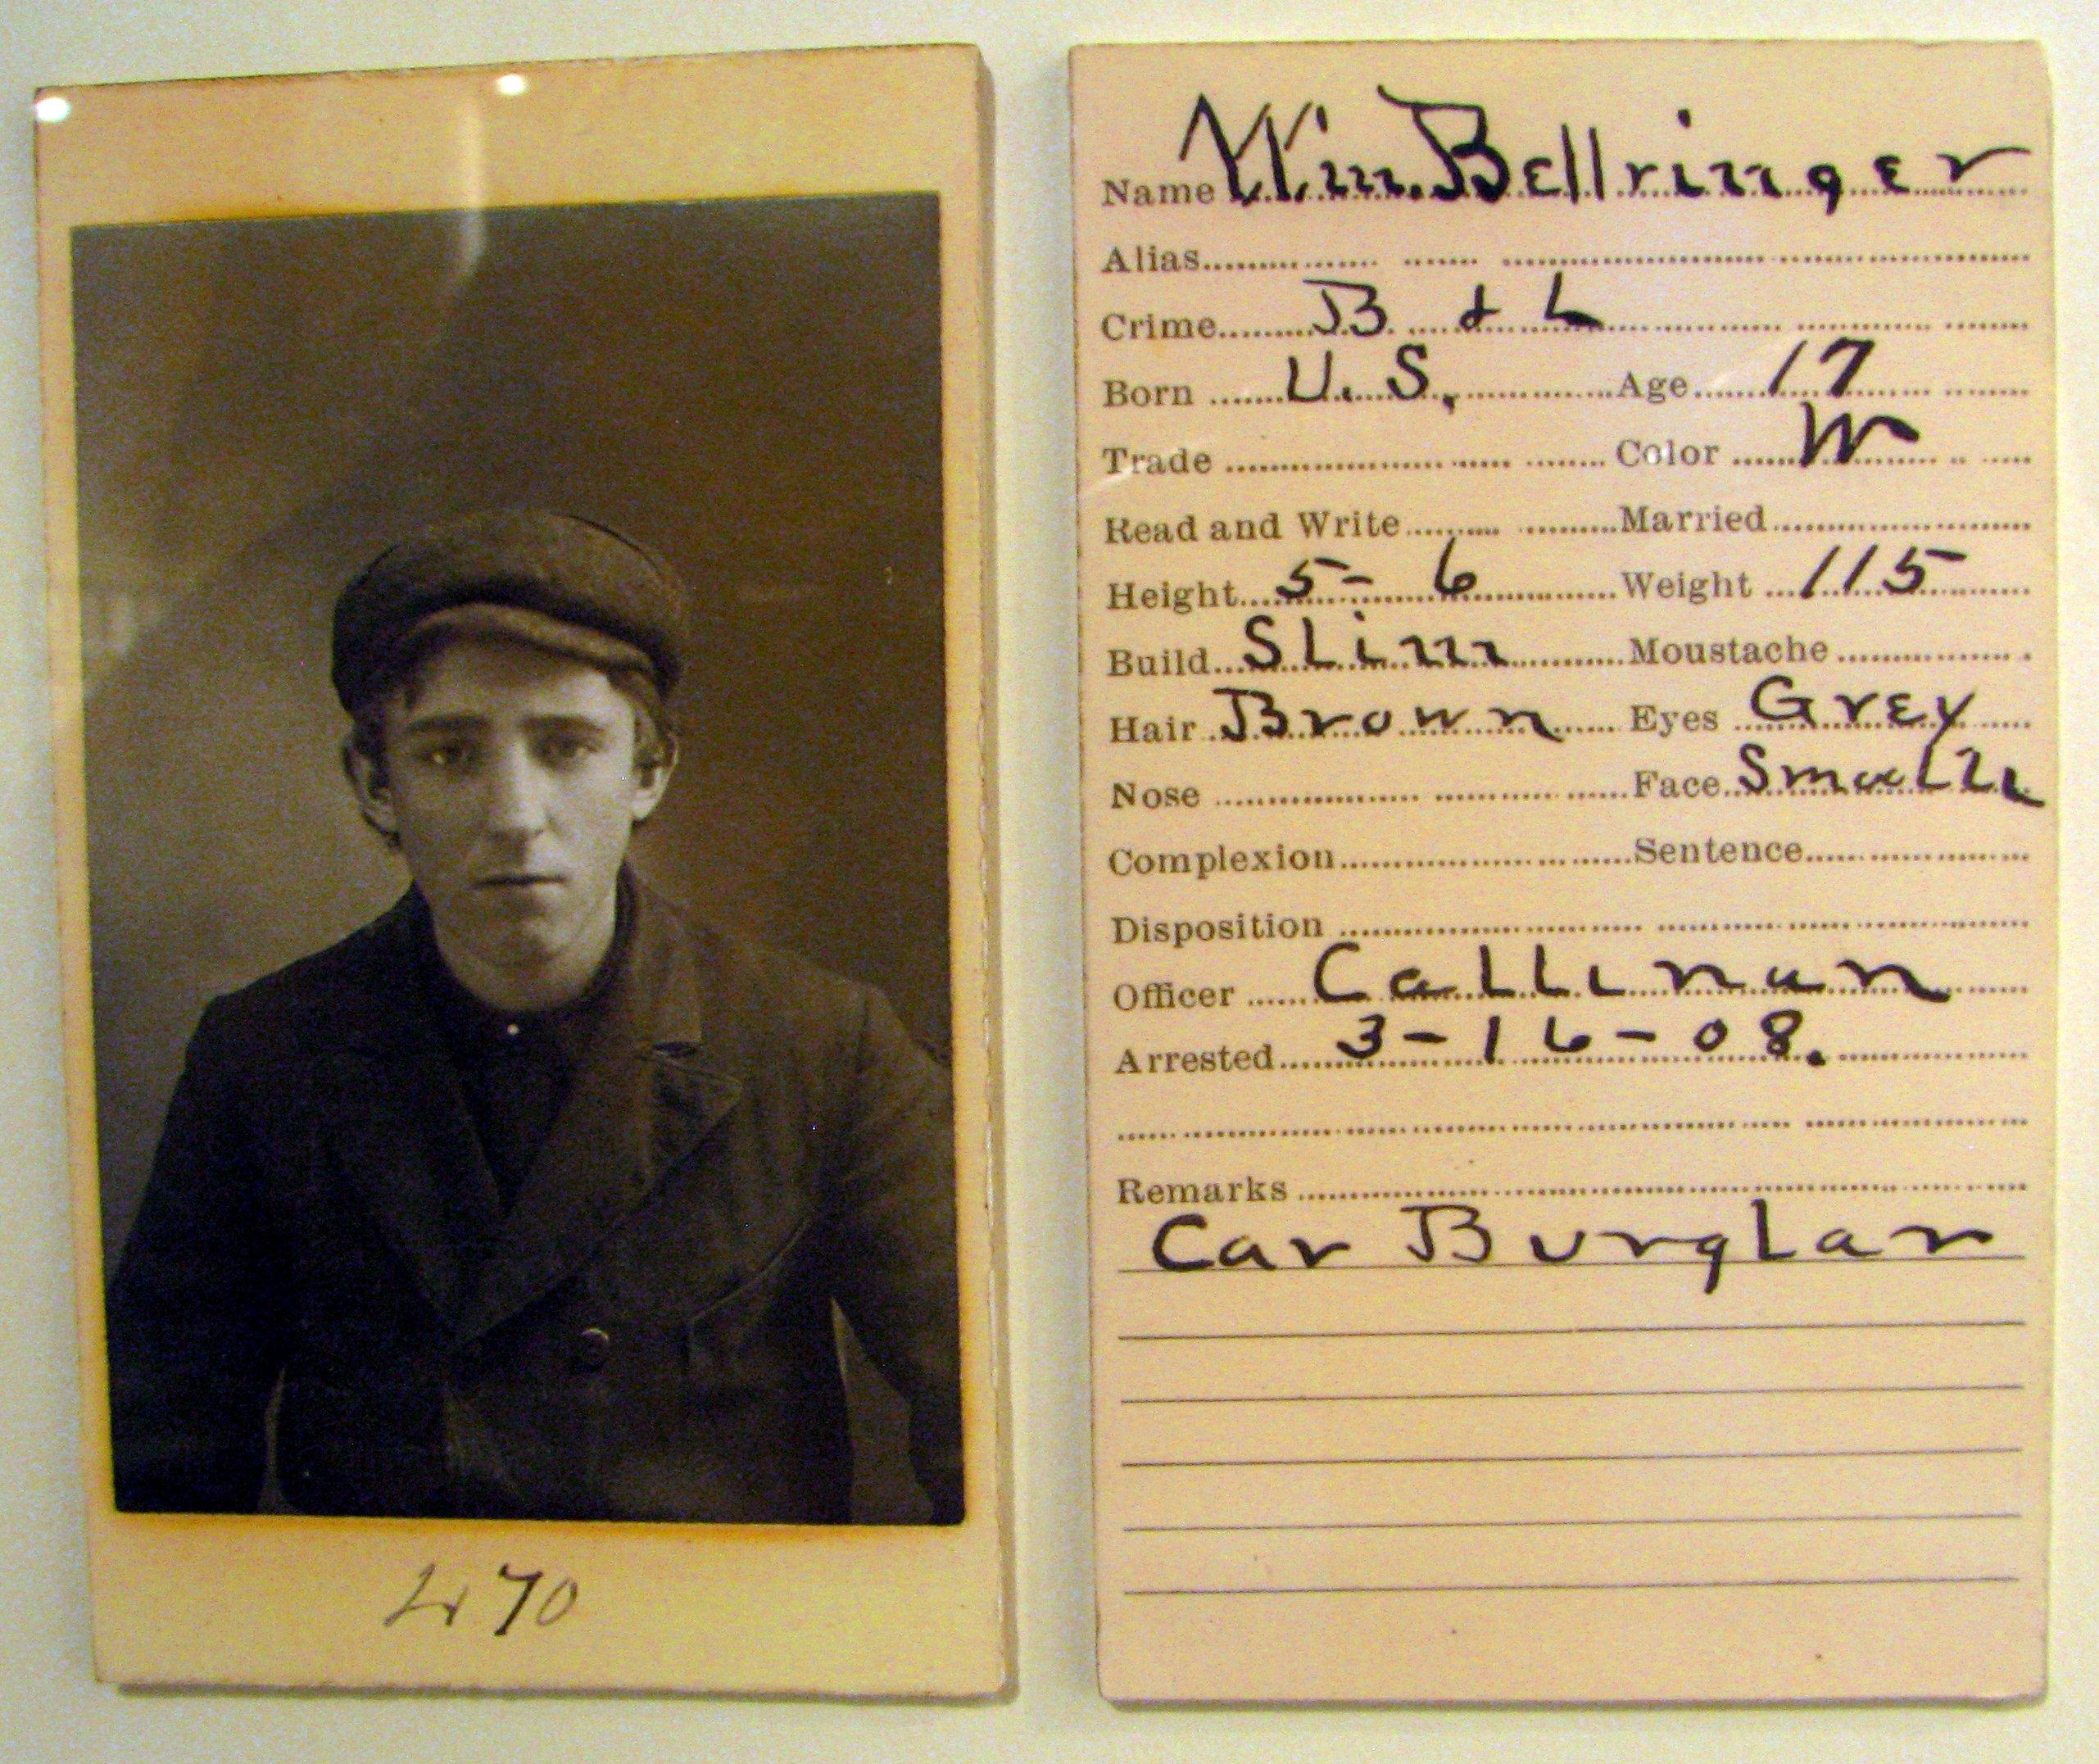 Will Bellringer 3-16-08 mugshot